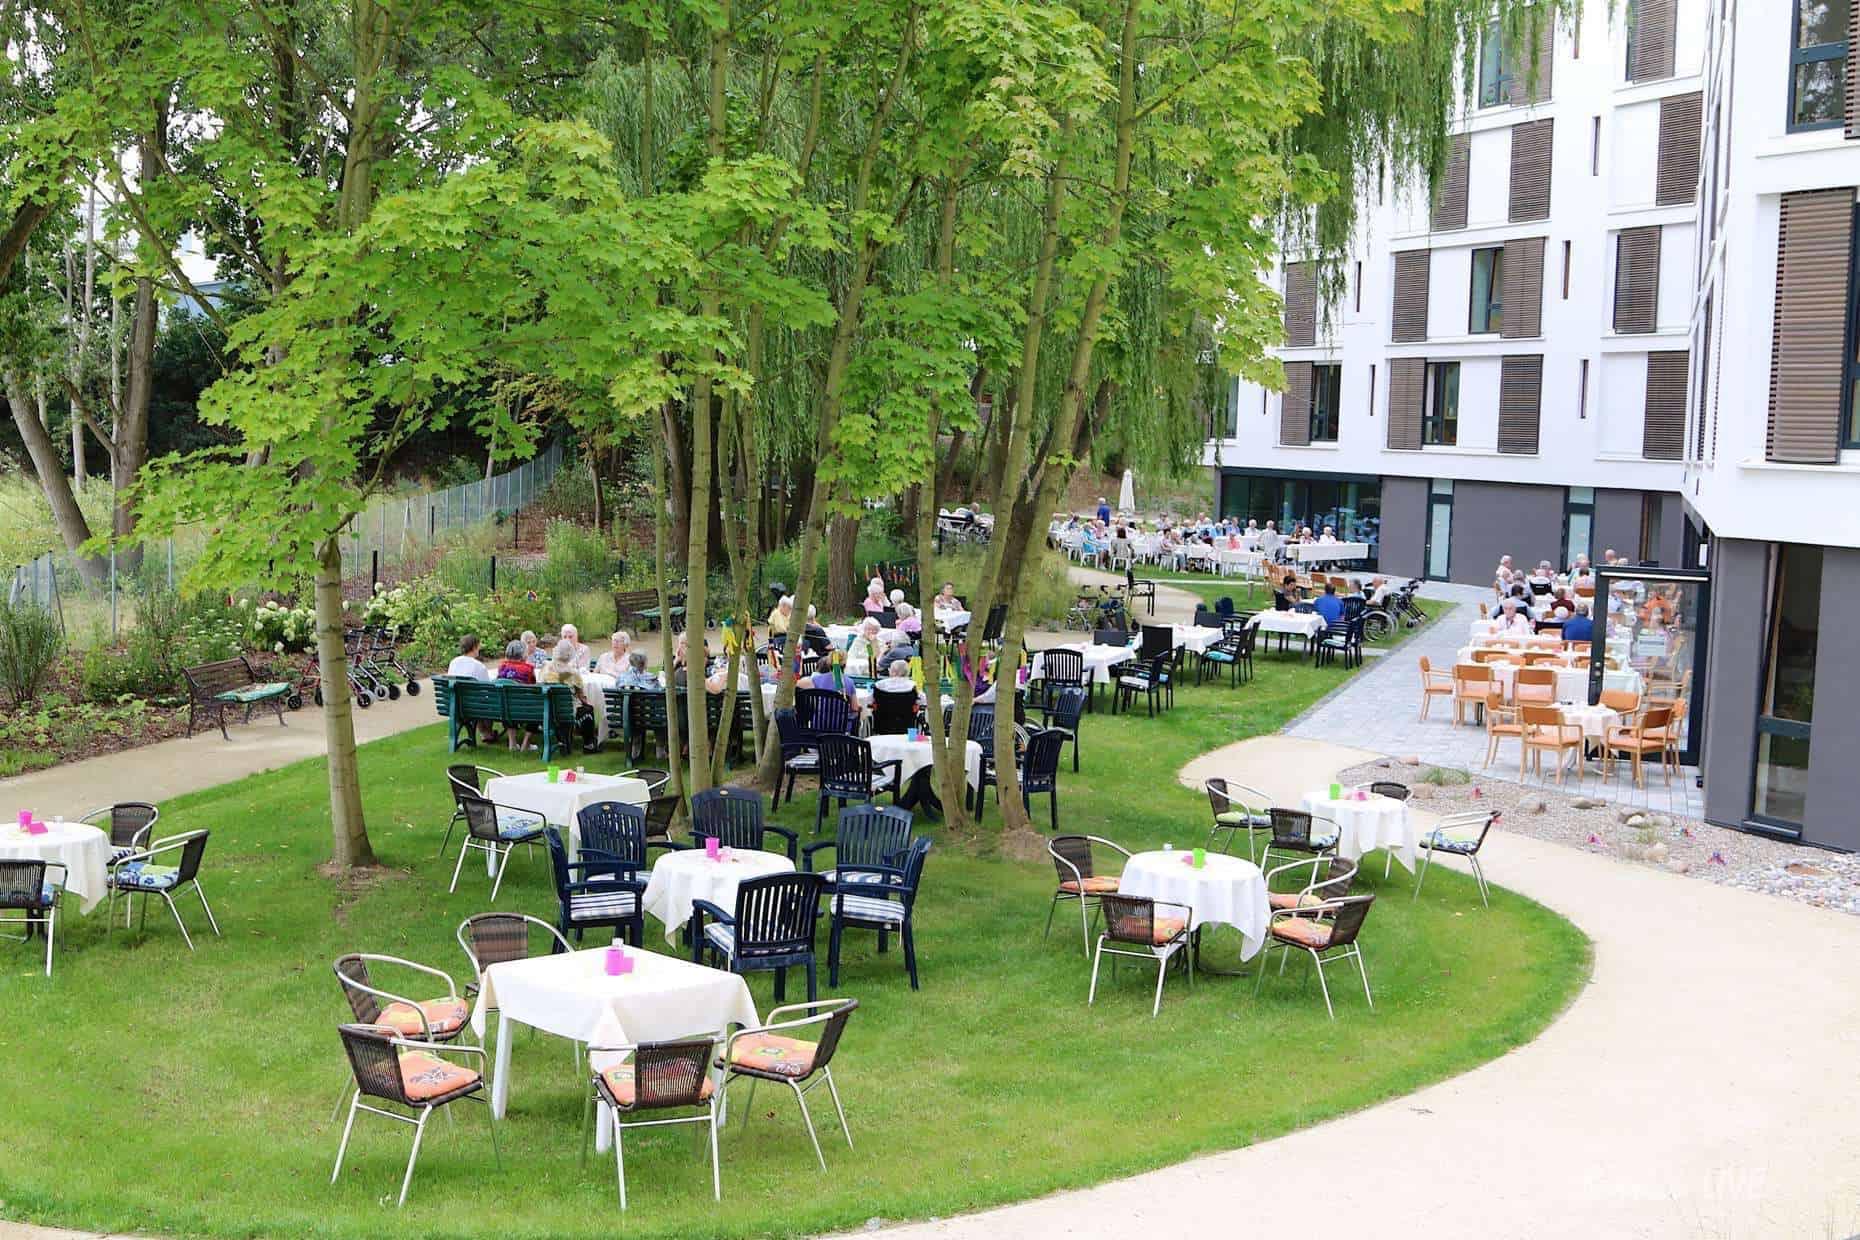 25 Jahre GGAB Bernau - mit einem Fest wurde im Ofenhaus Bernau gefeiert